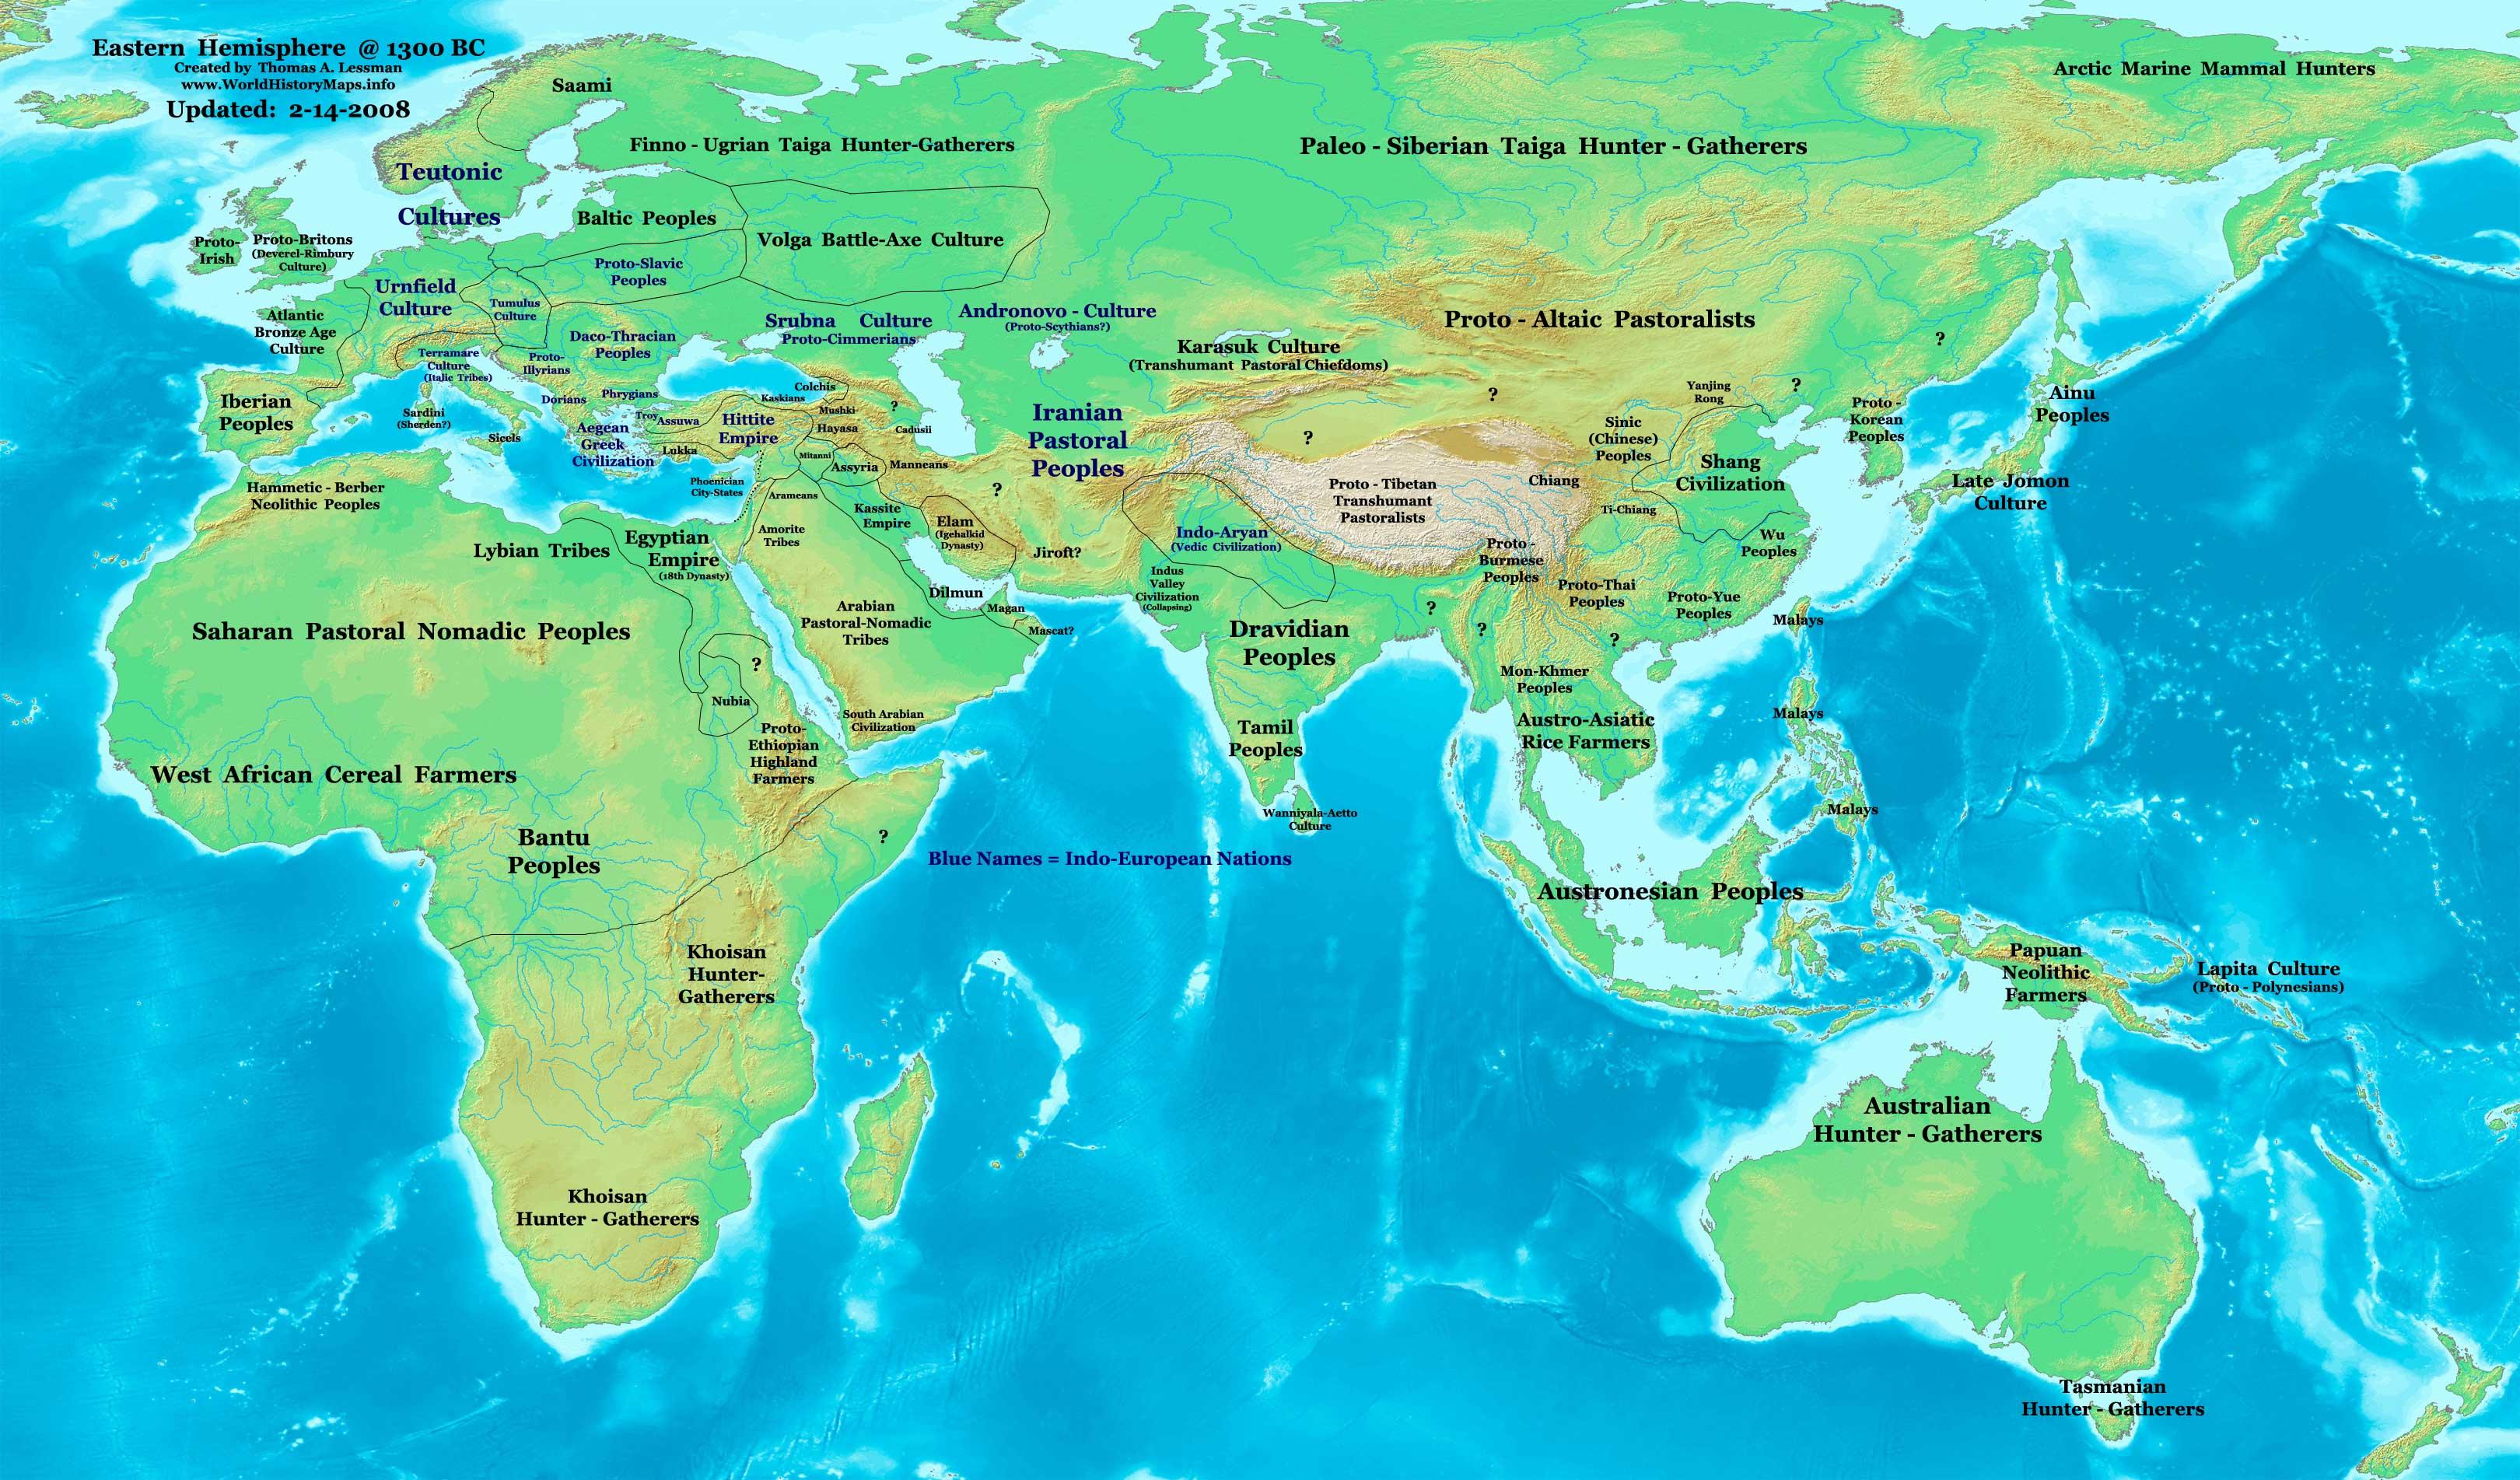 http://worldhistorymaps.info/images/East-Hem_1300bc.jpg